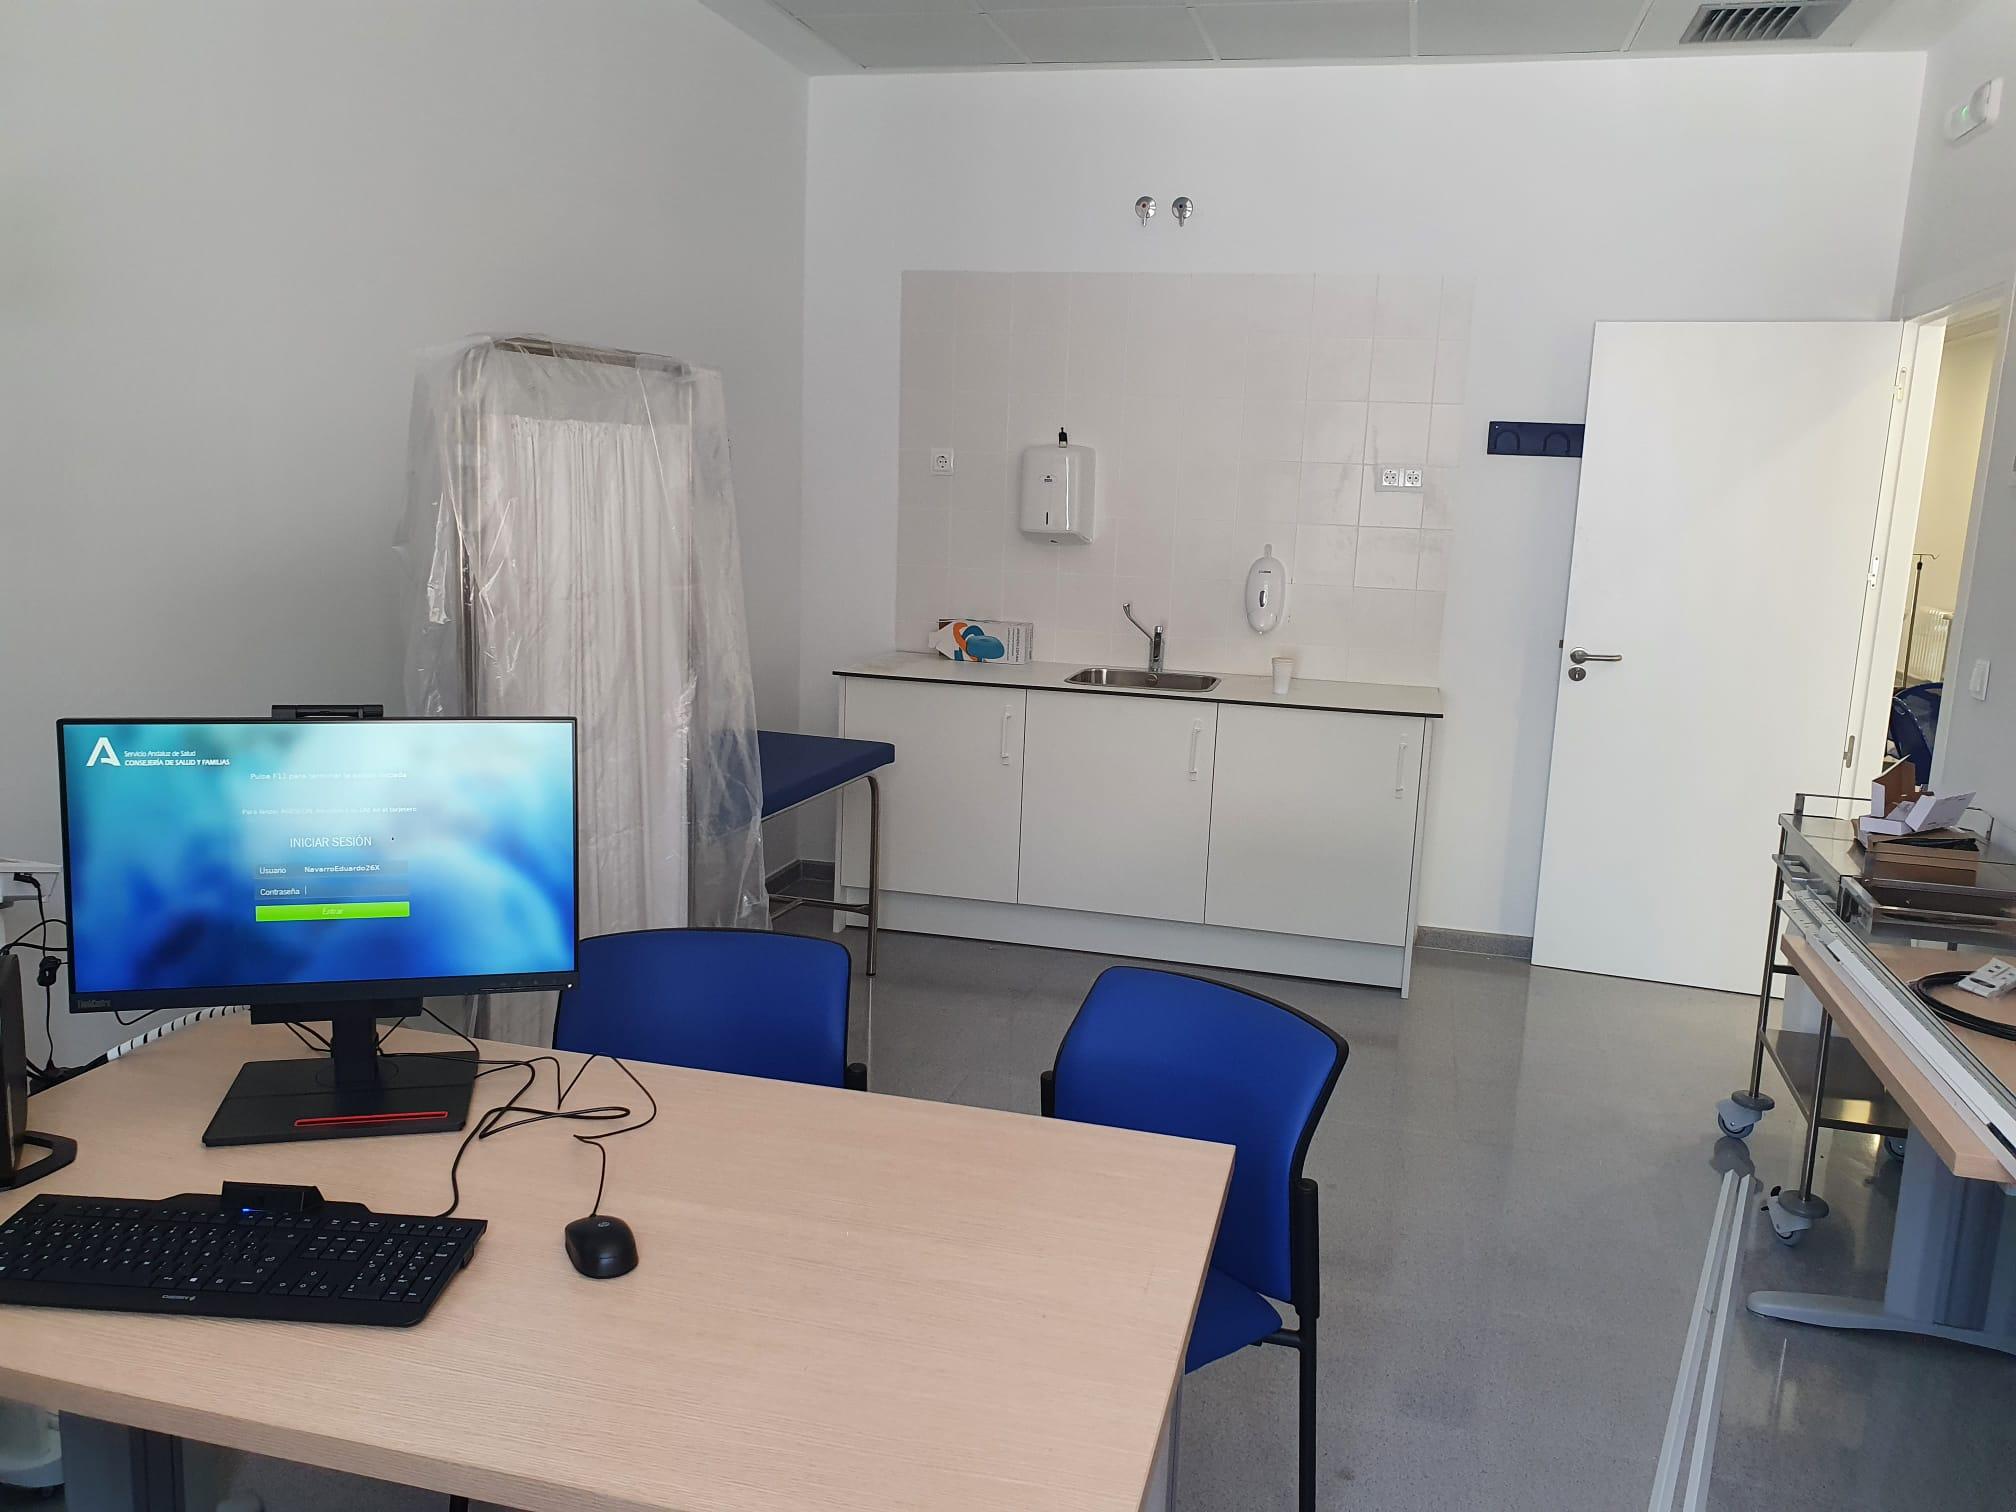 Los vecinos de Rosal de la Frontera disfrutan desde hoy de un nuevo consultorio amplio, moderno y adaptado a los circuitos Covid